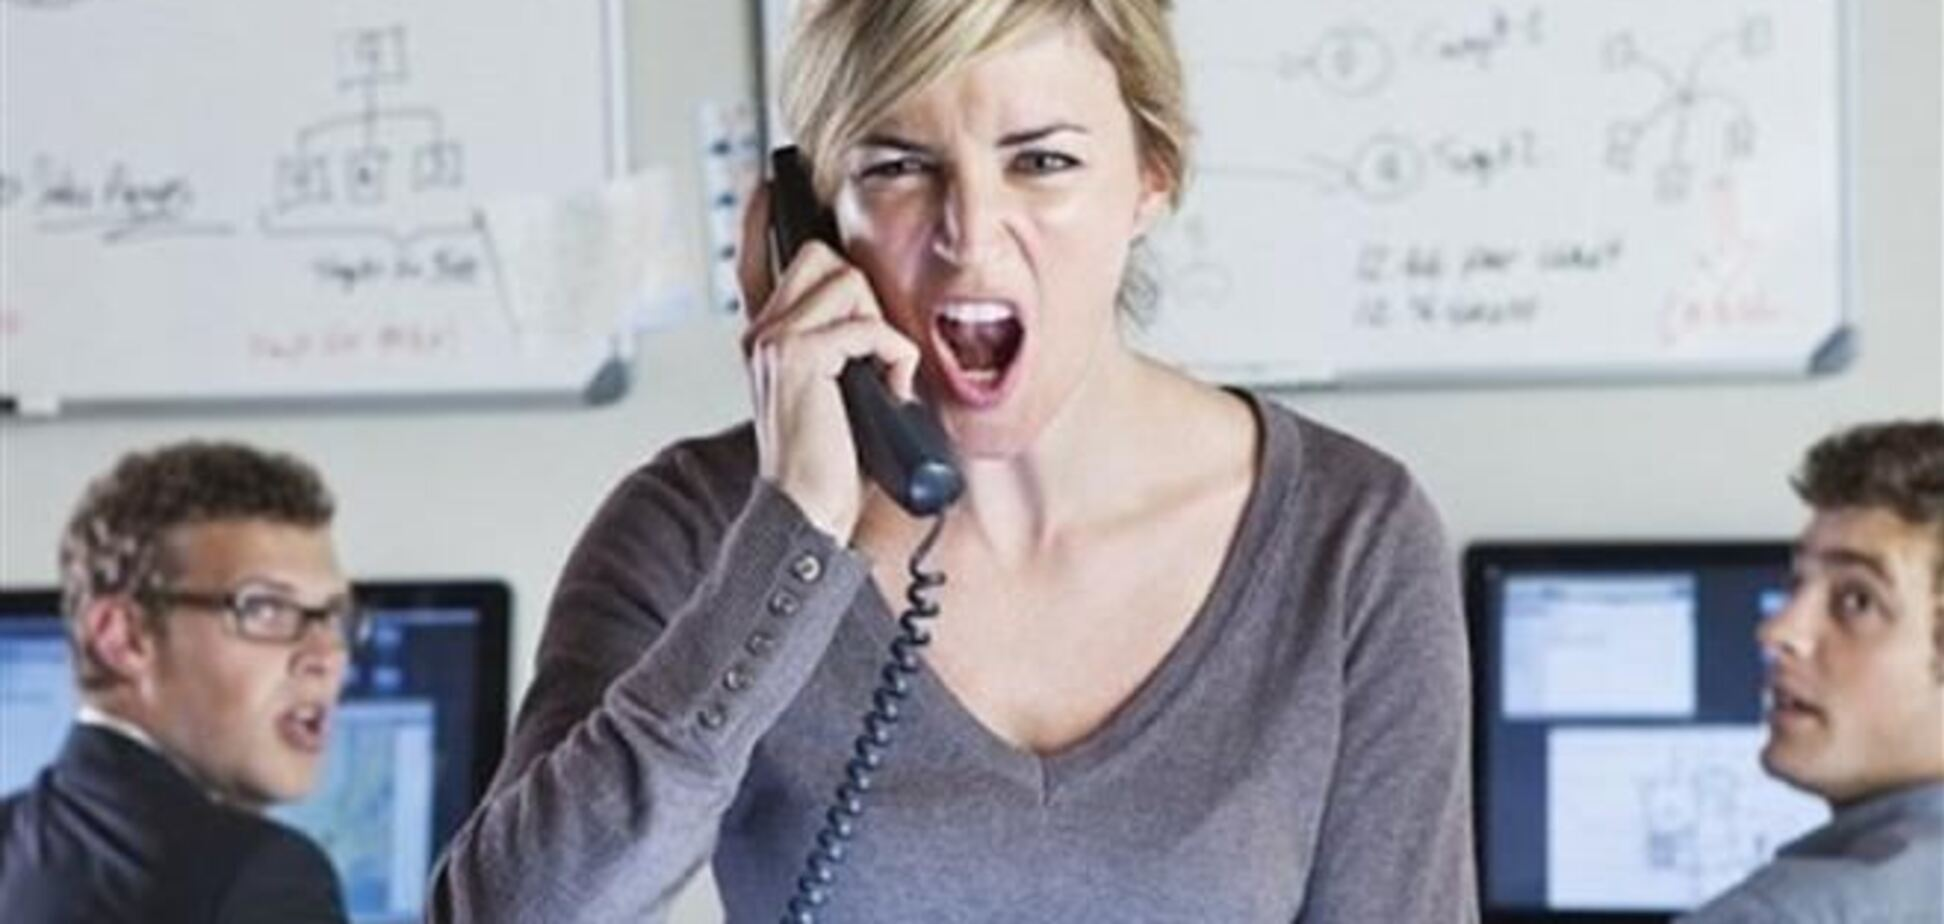 Женщины с ПМС будут считаться психически больными